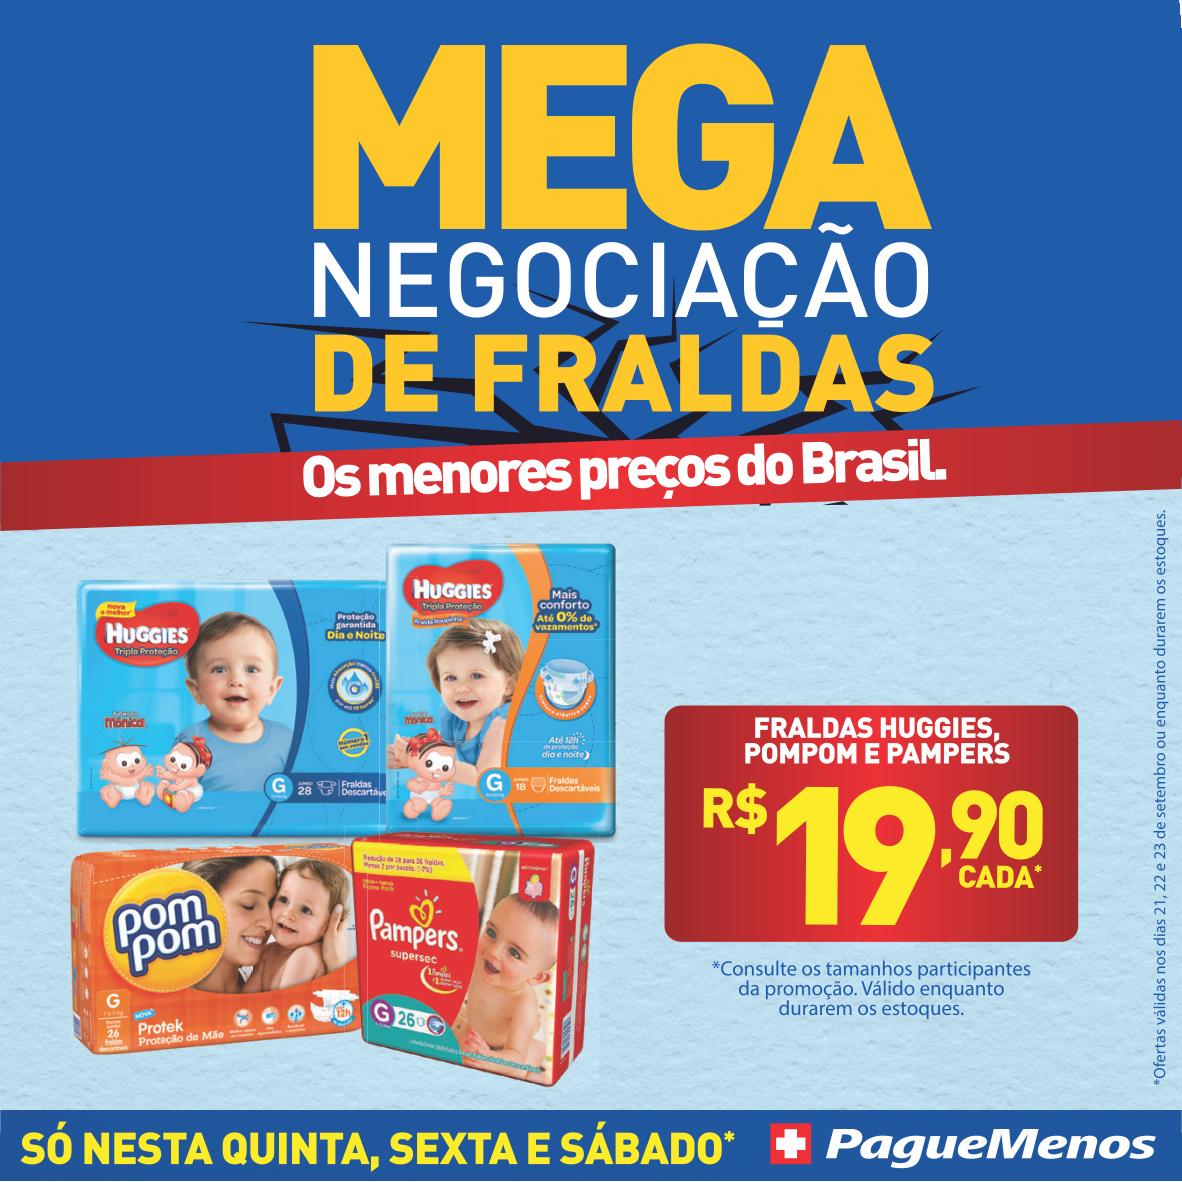 #NaPagueMenosTem MegaOferta IMPERDÍVEL!😱😍 Diversas fraldas a partir de R$ 19,90 cada, até 23/09. 👉https://t.co/zSNHe7pVPg https://t.co/pjrf8laRPX